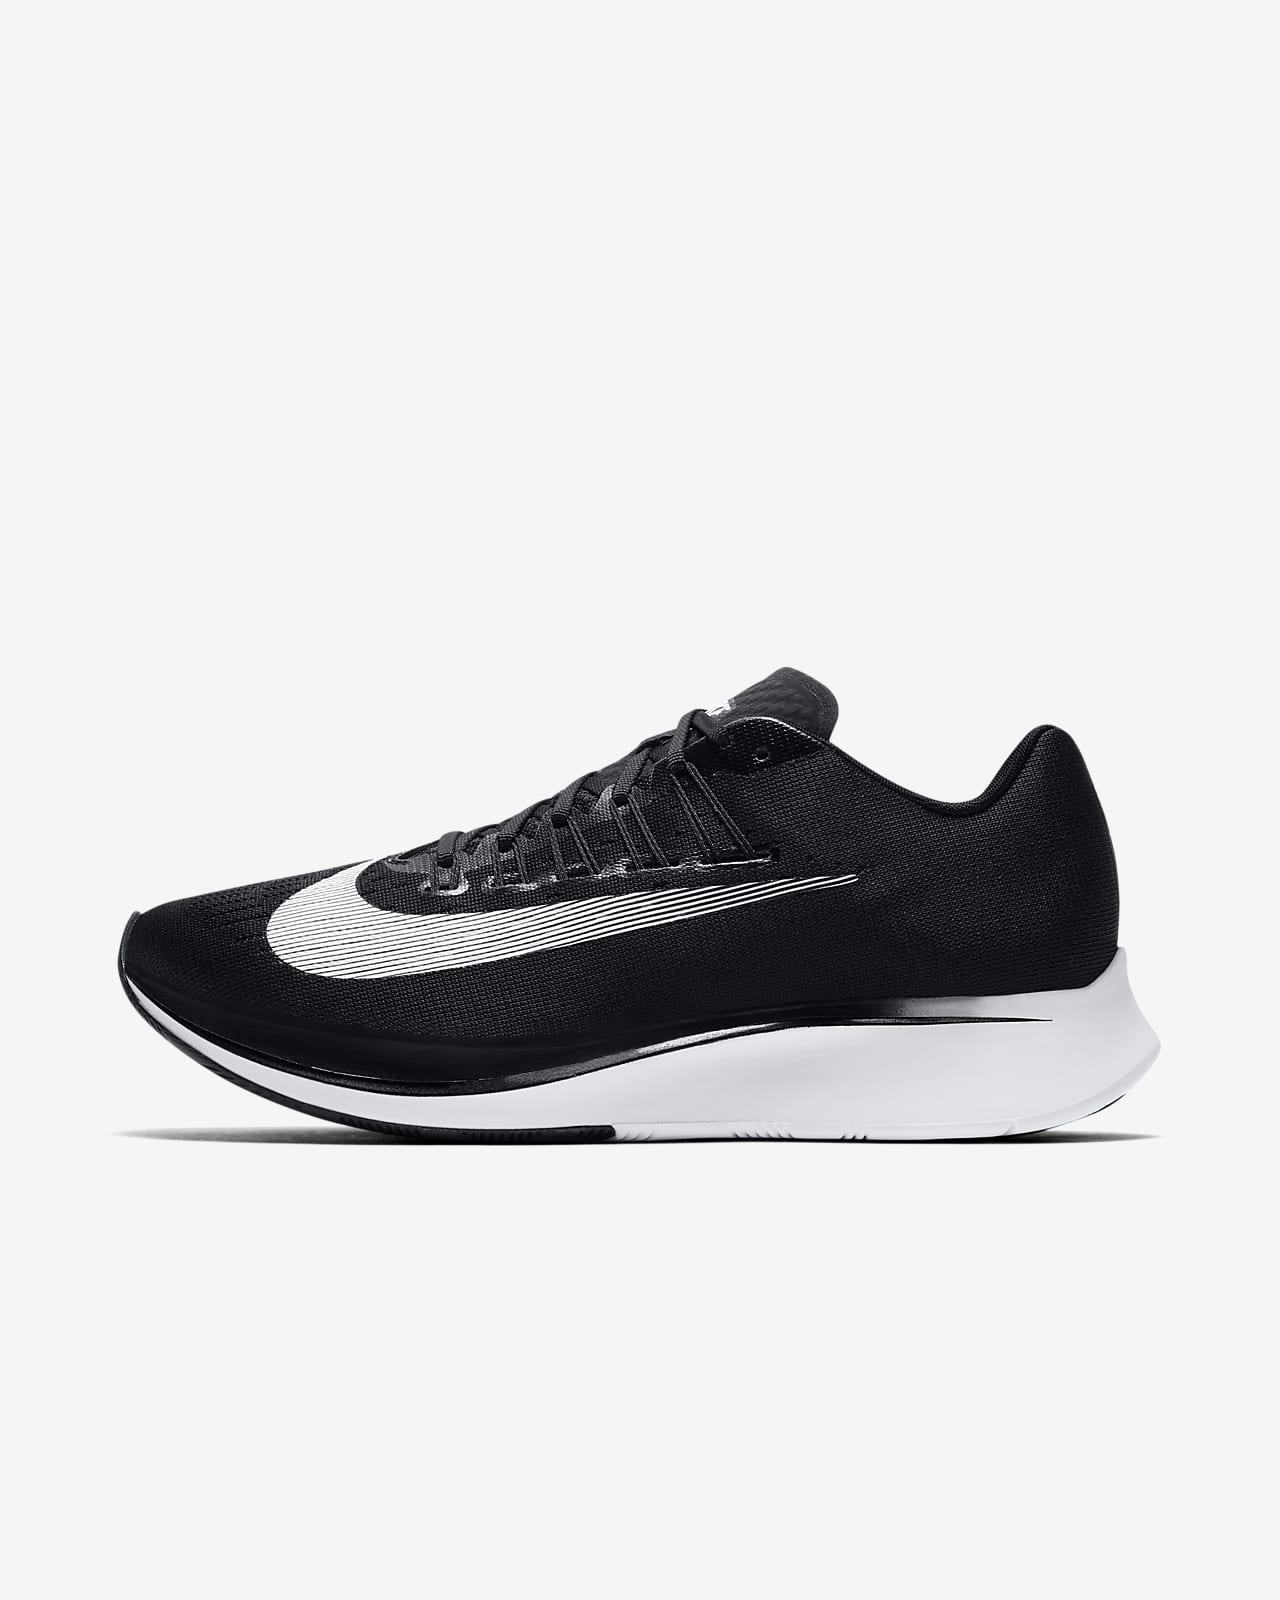 รองเท้าวิ่งผู้ชาย Nike Zoom Fly